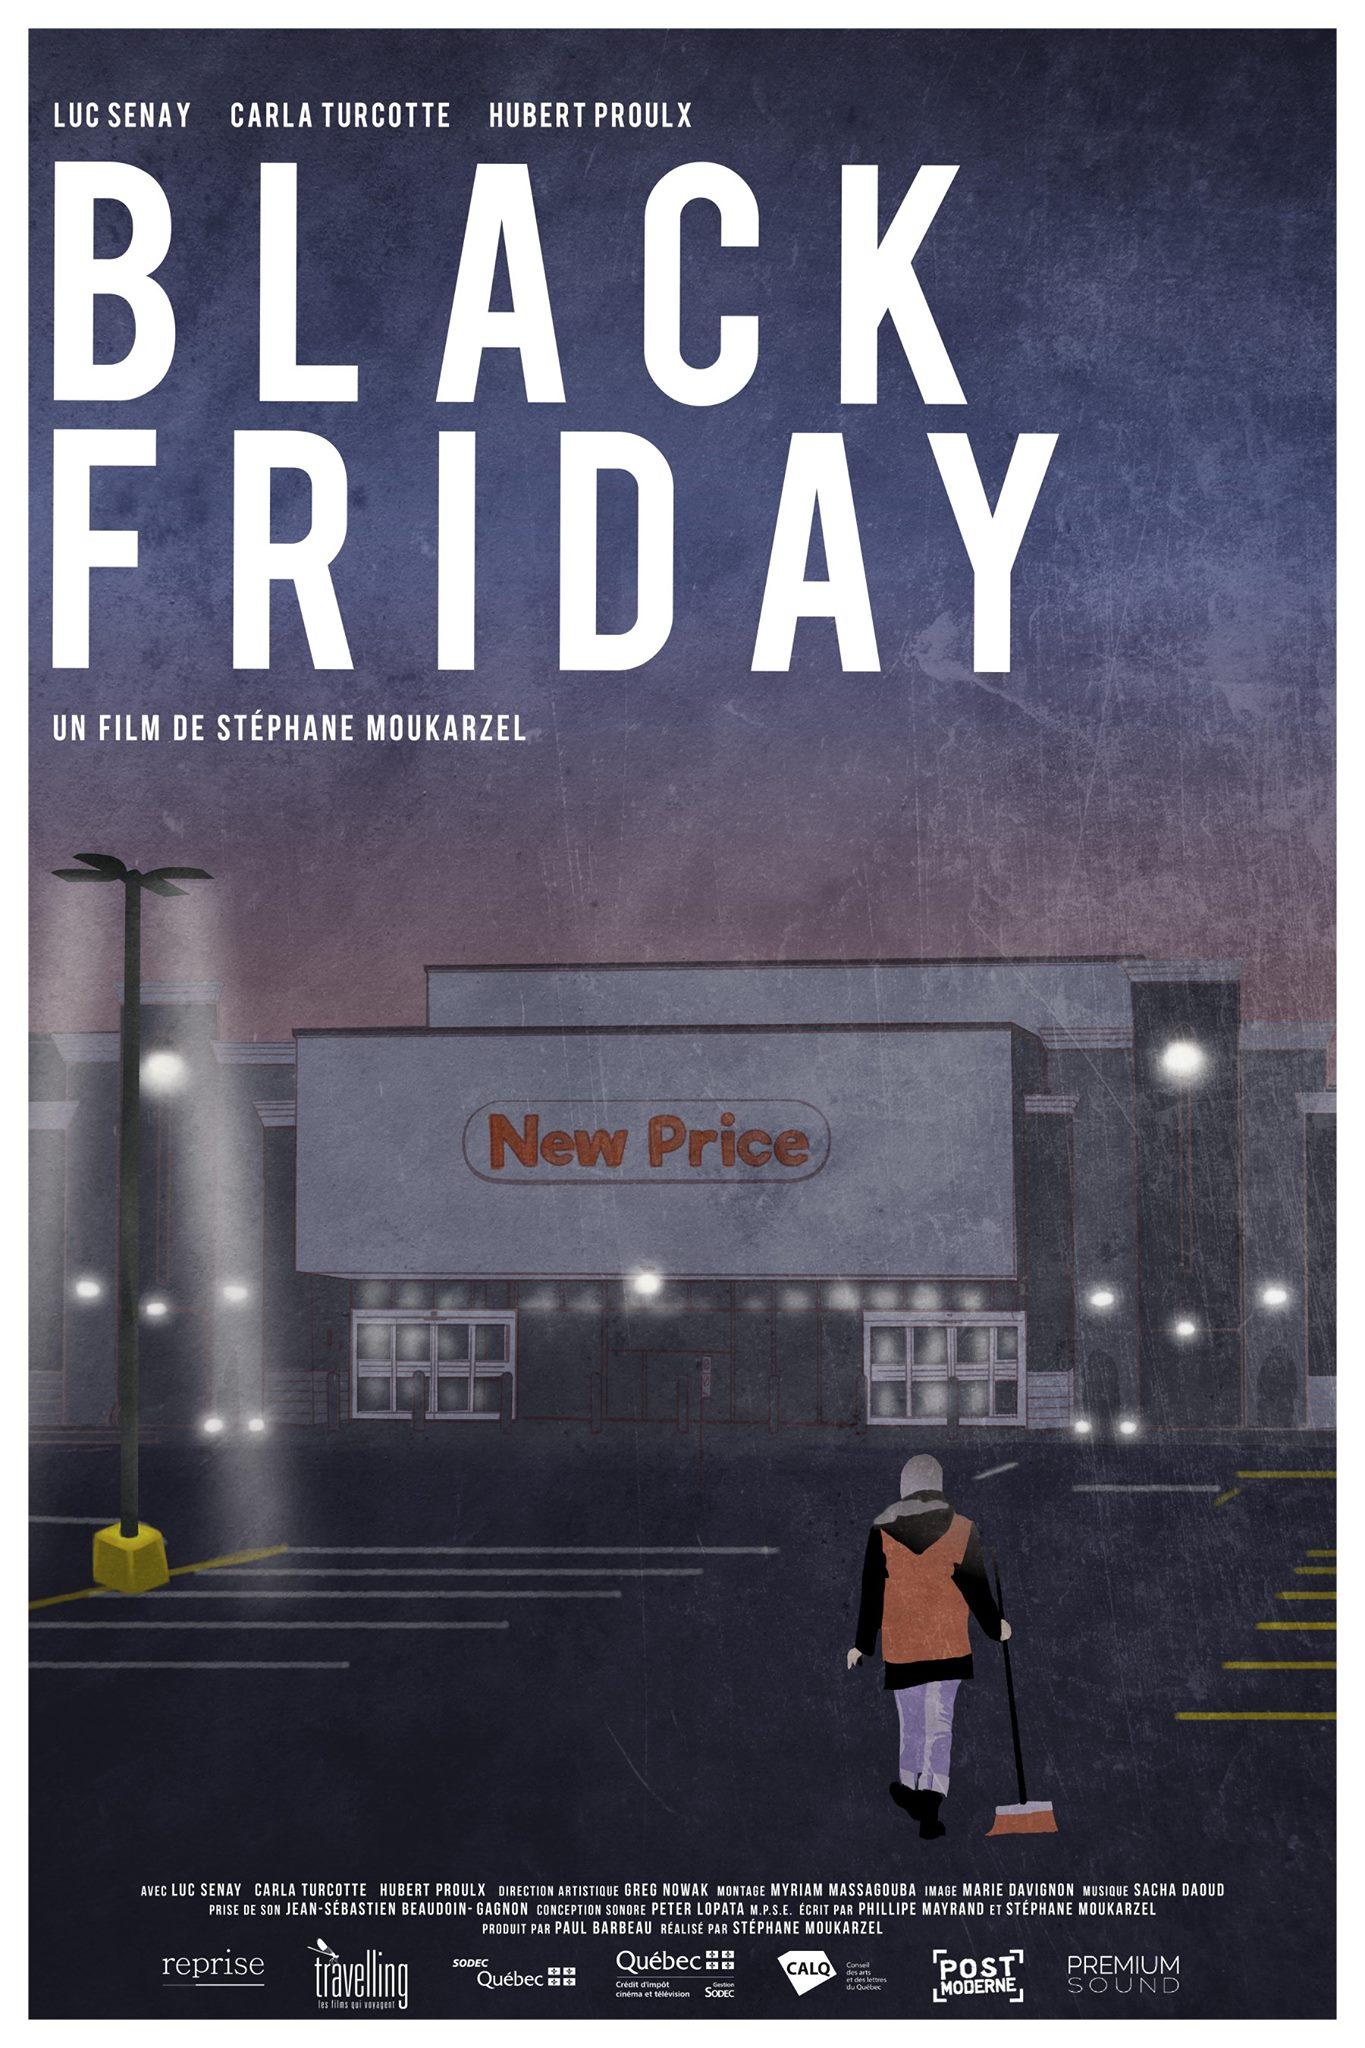 Black Friday 2018 Imdb